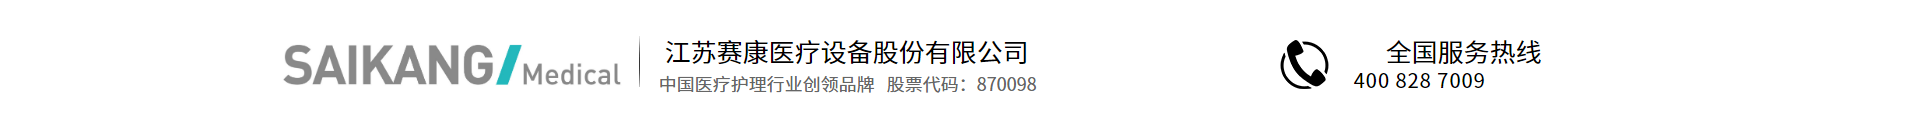 江苏赛康医疗设备股份有限公司